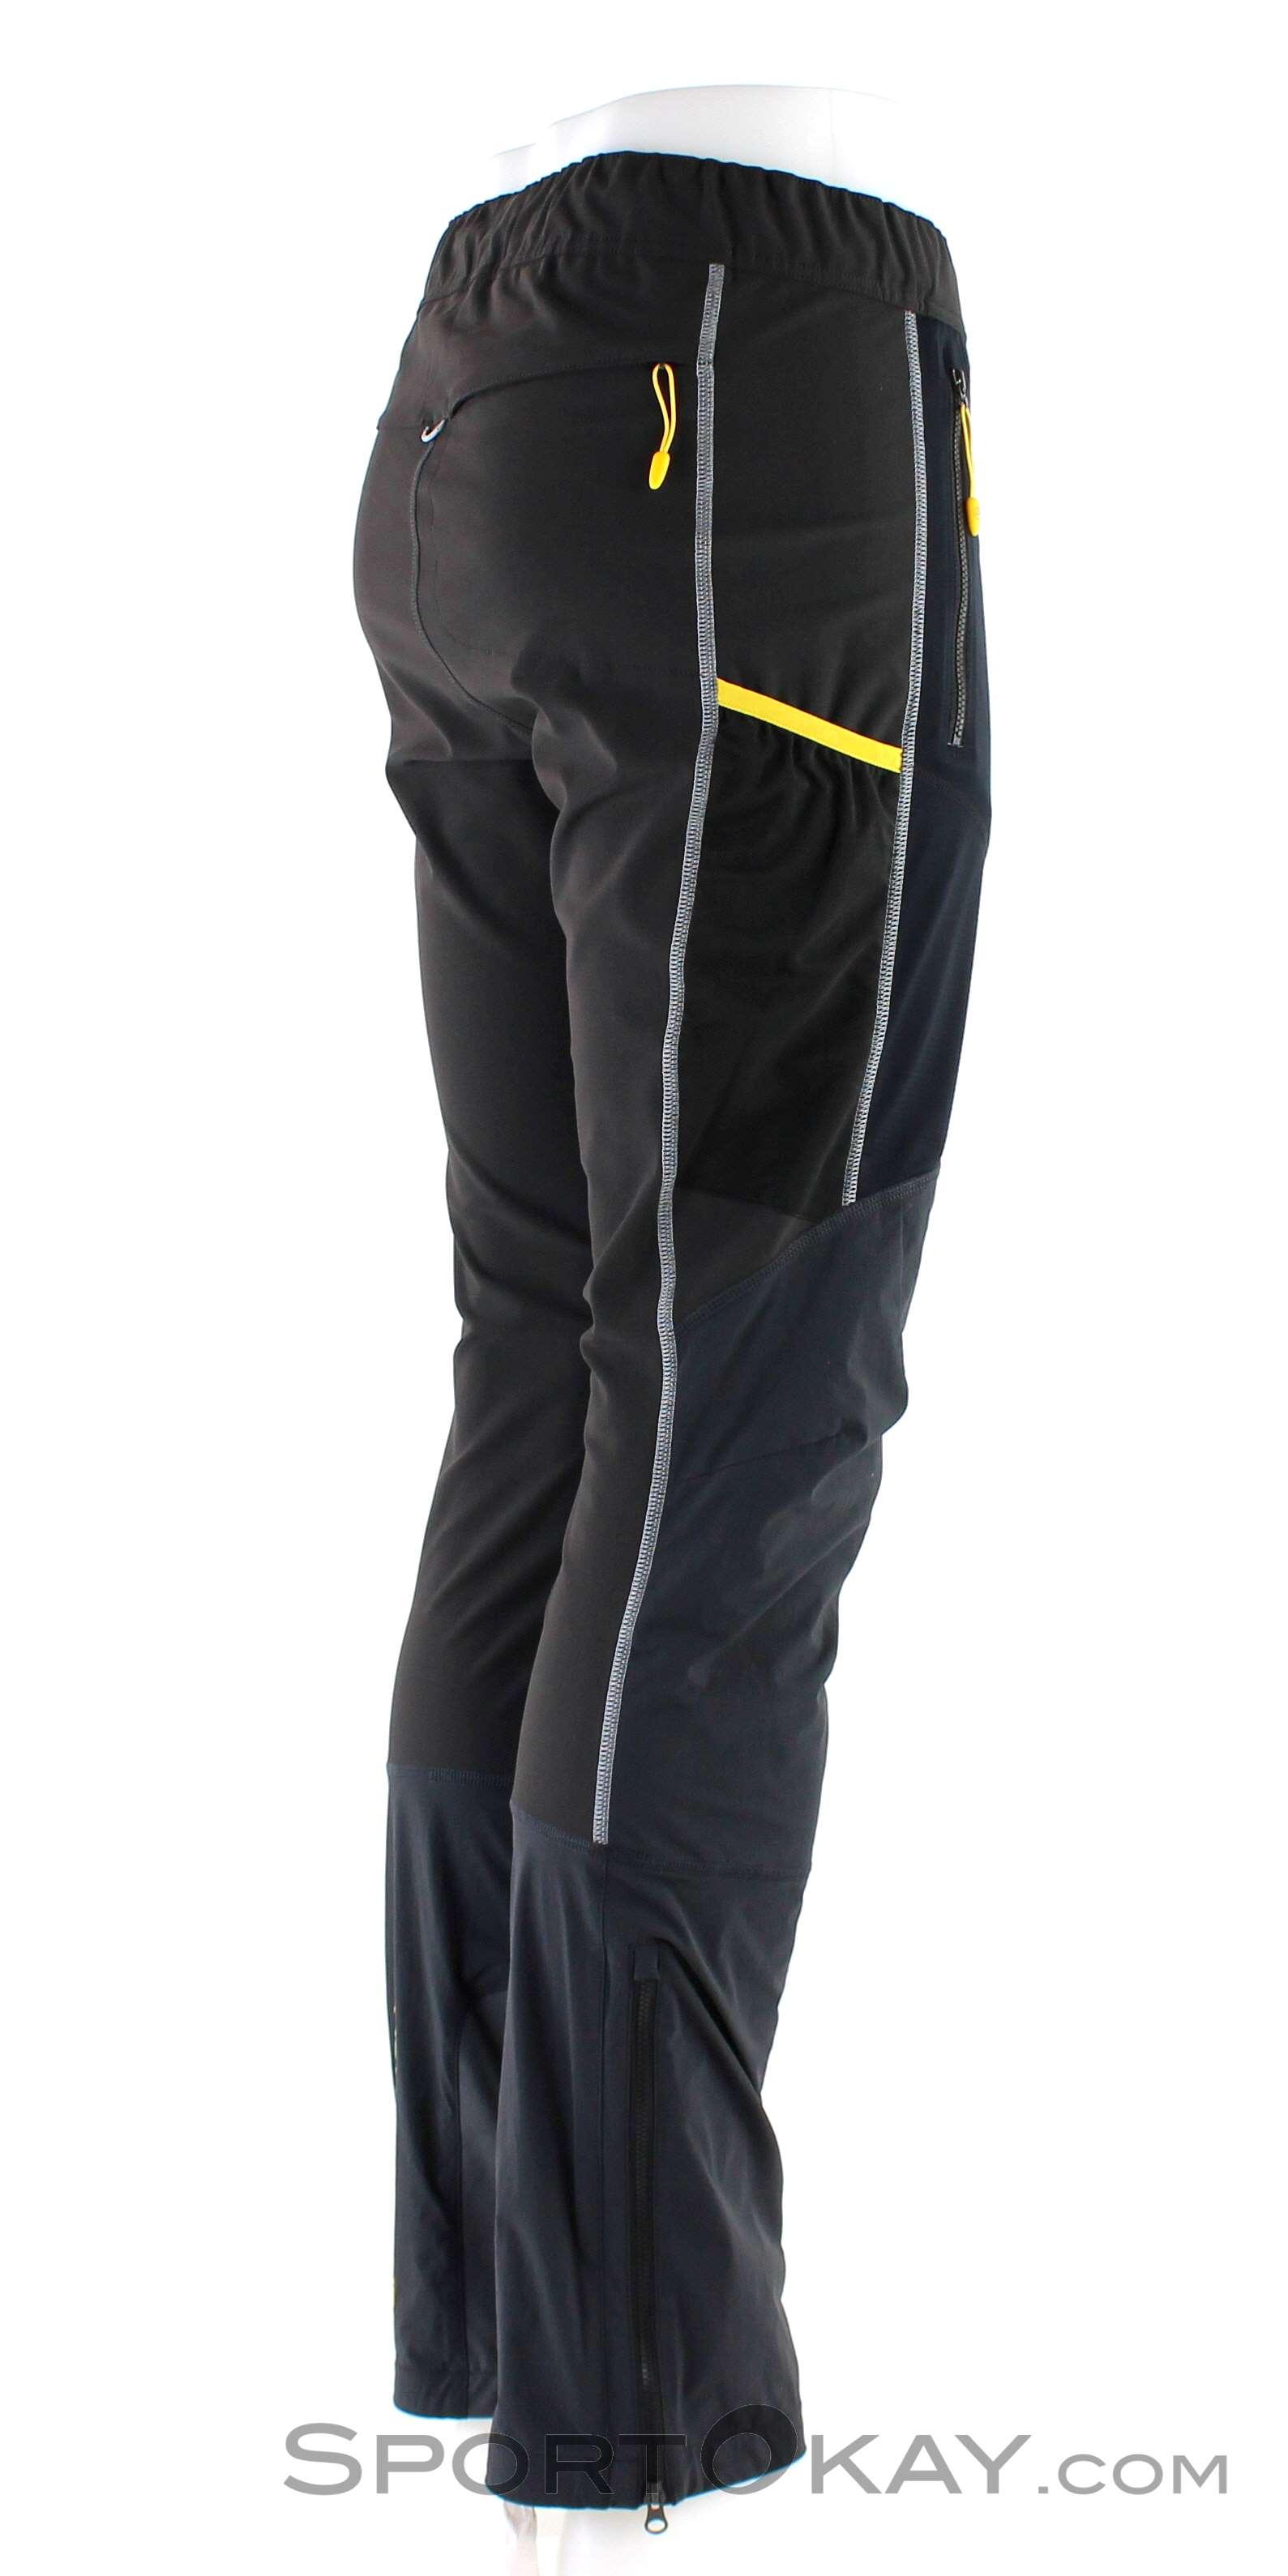 0 Sportiva Sci Pant Uomo 2 La Solid Alpinismo Da Pantaloni xvZtwq4d